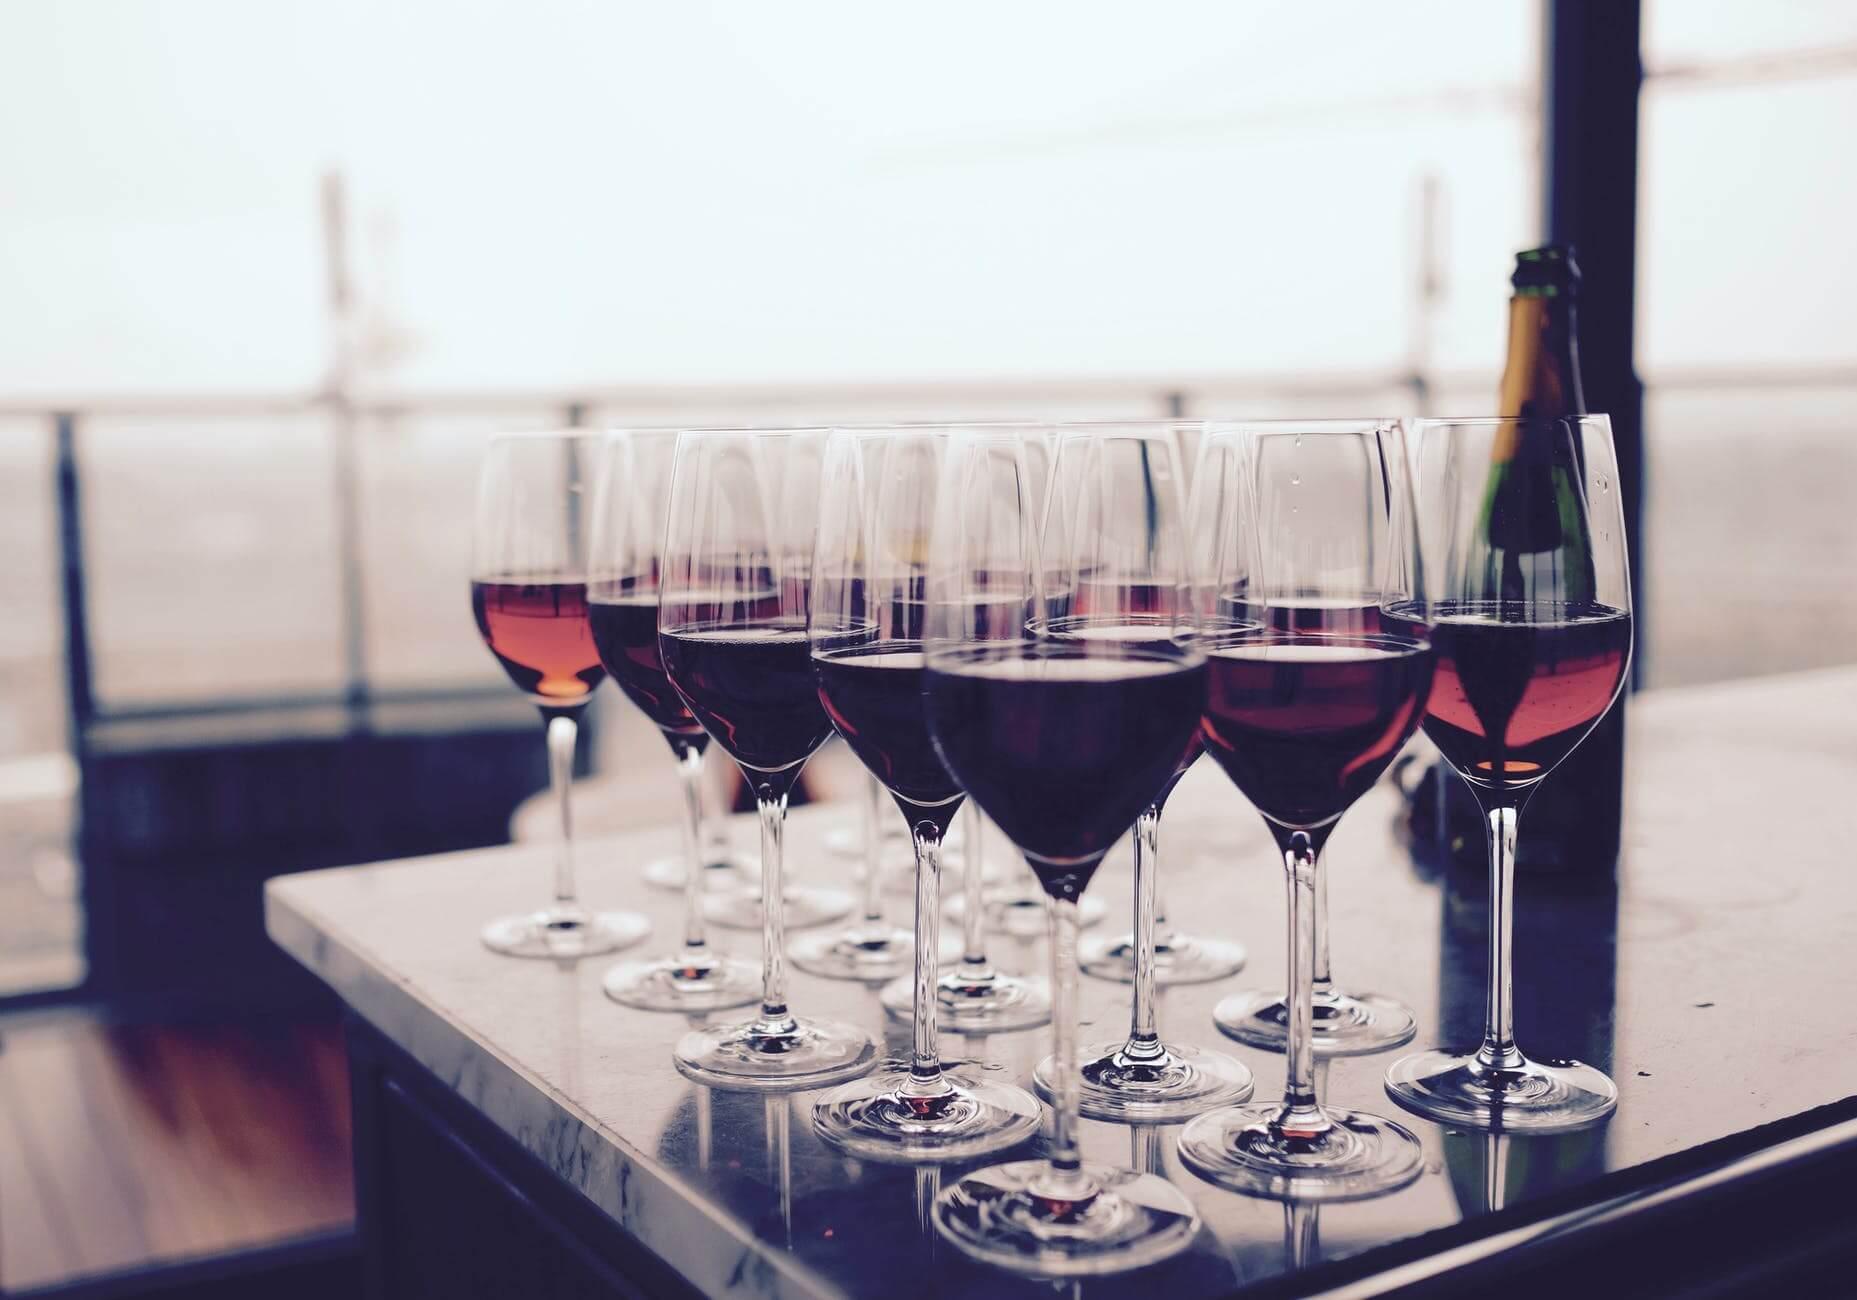 Pohár červeného vína sa vyrovná 1 hodine v posilňovni! To je dôvod, prečo...